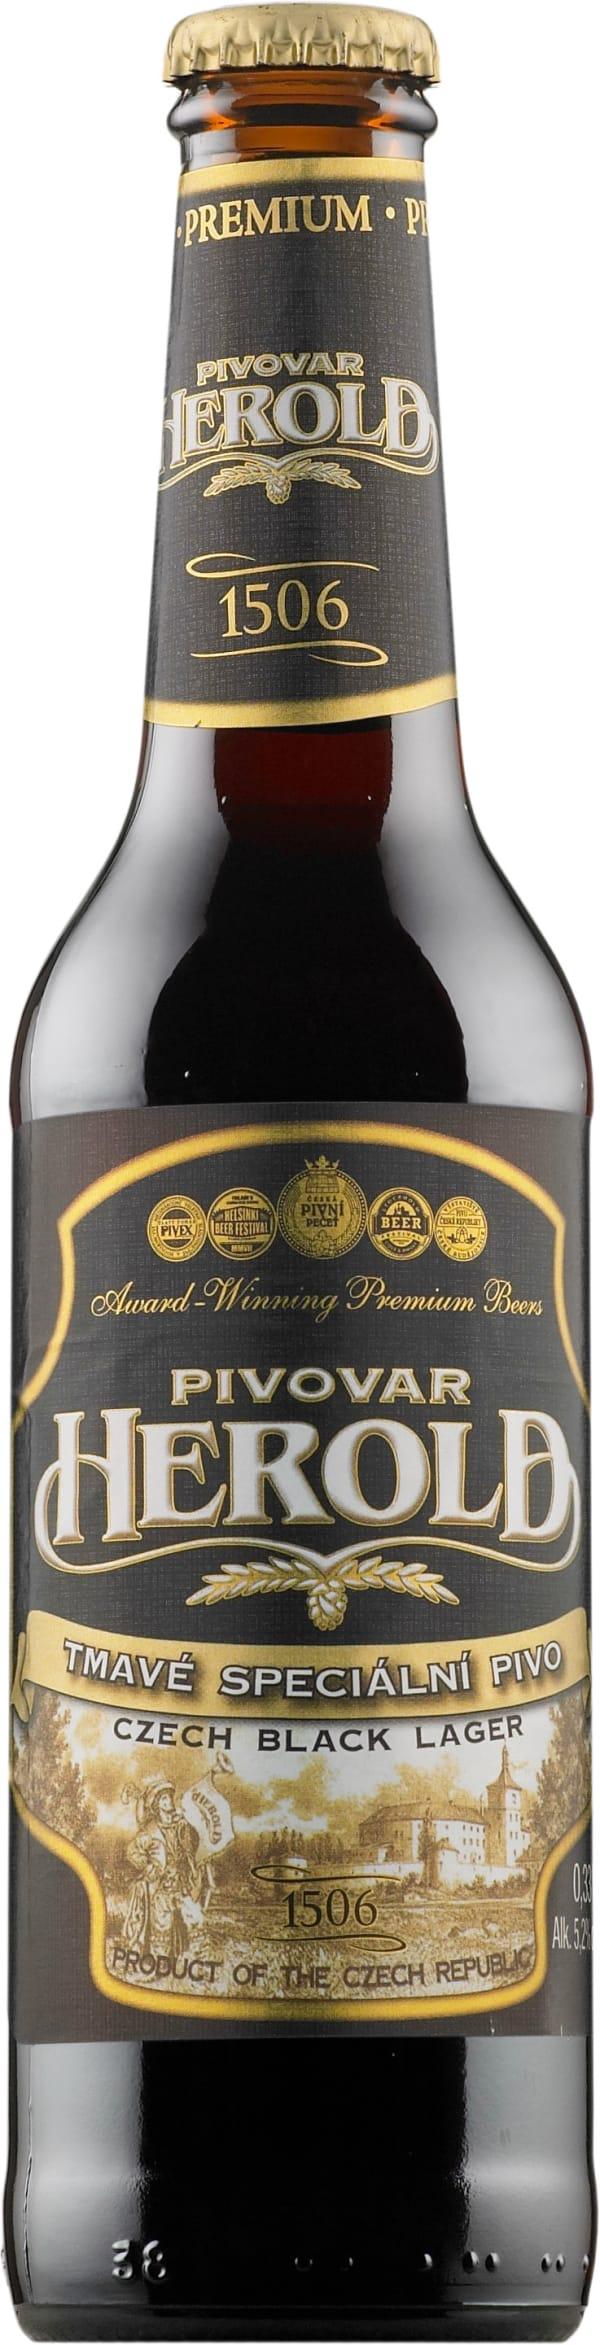 Herold Czech Black Lager